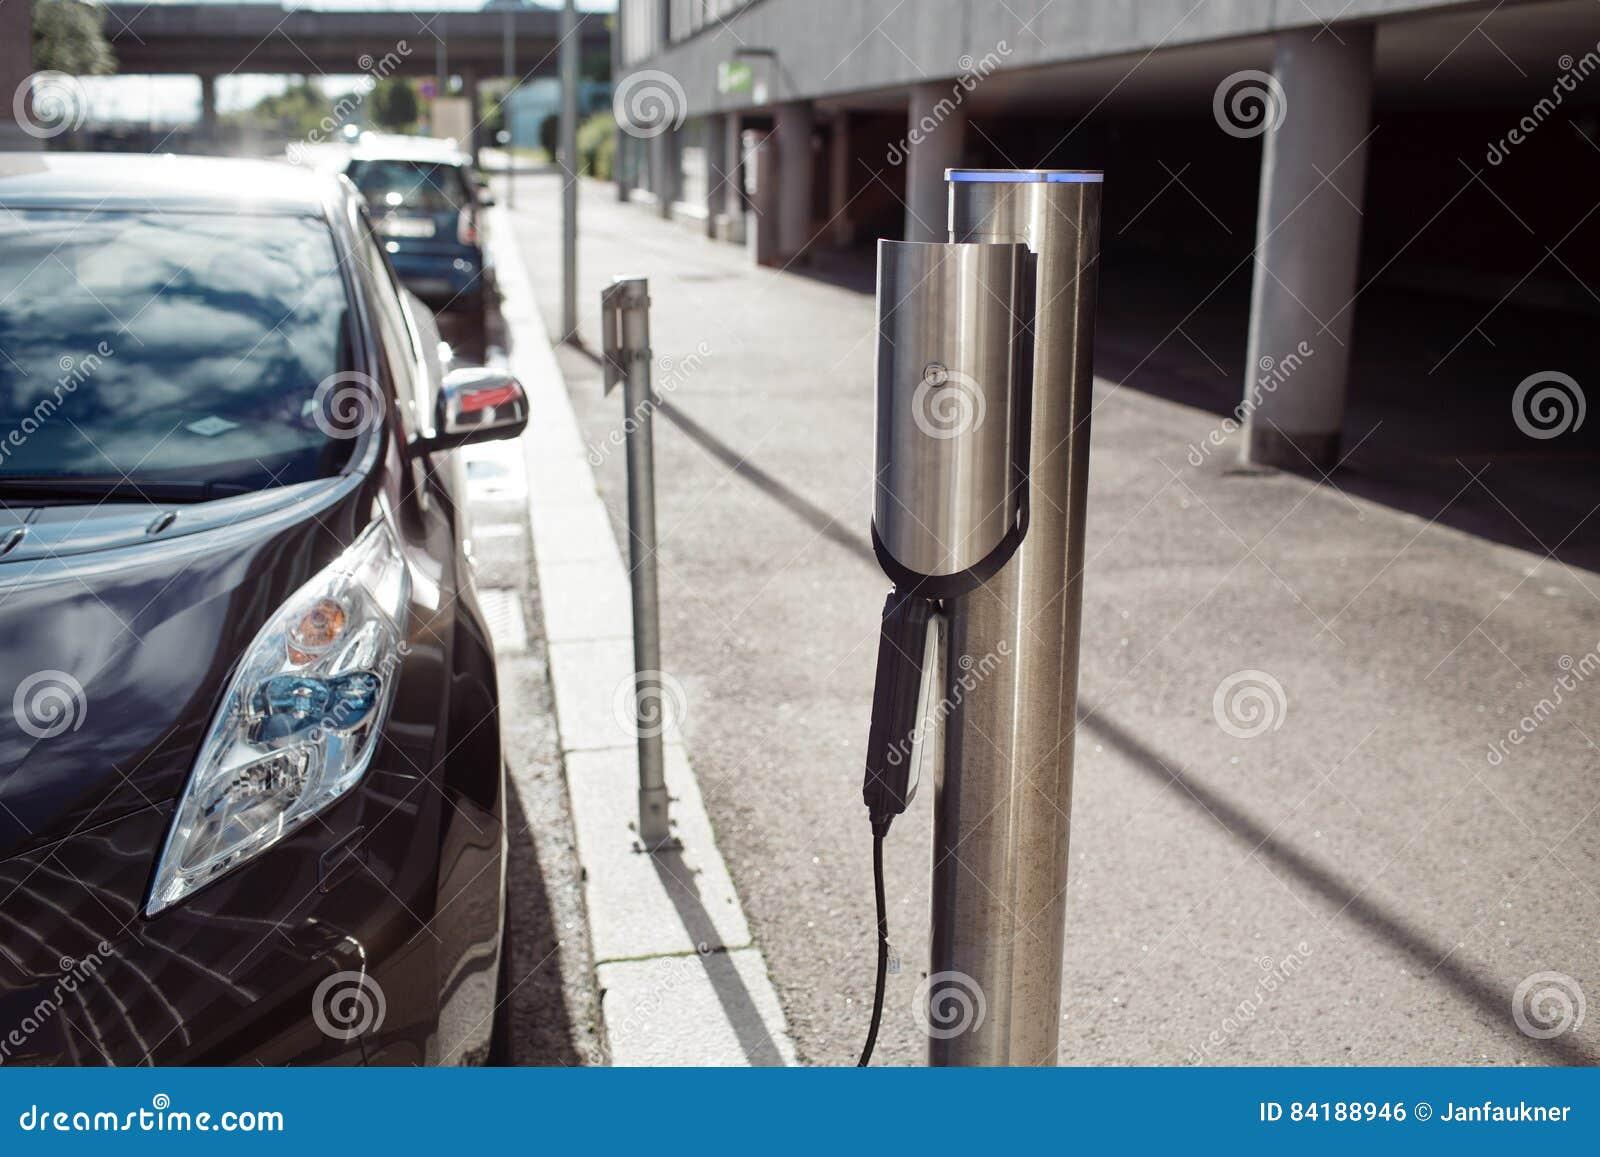 Vorderseite der Autoladenenergie